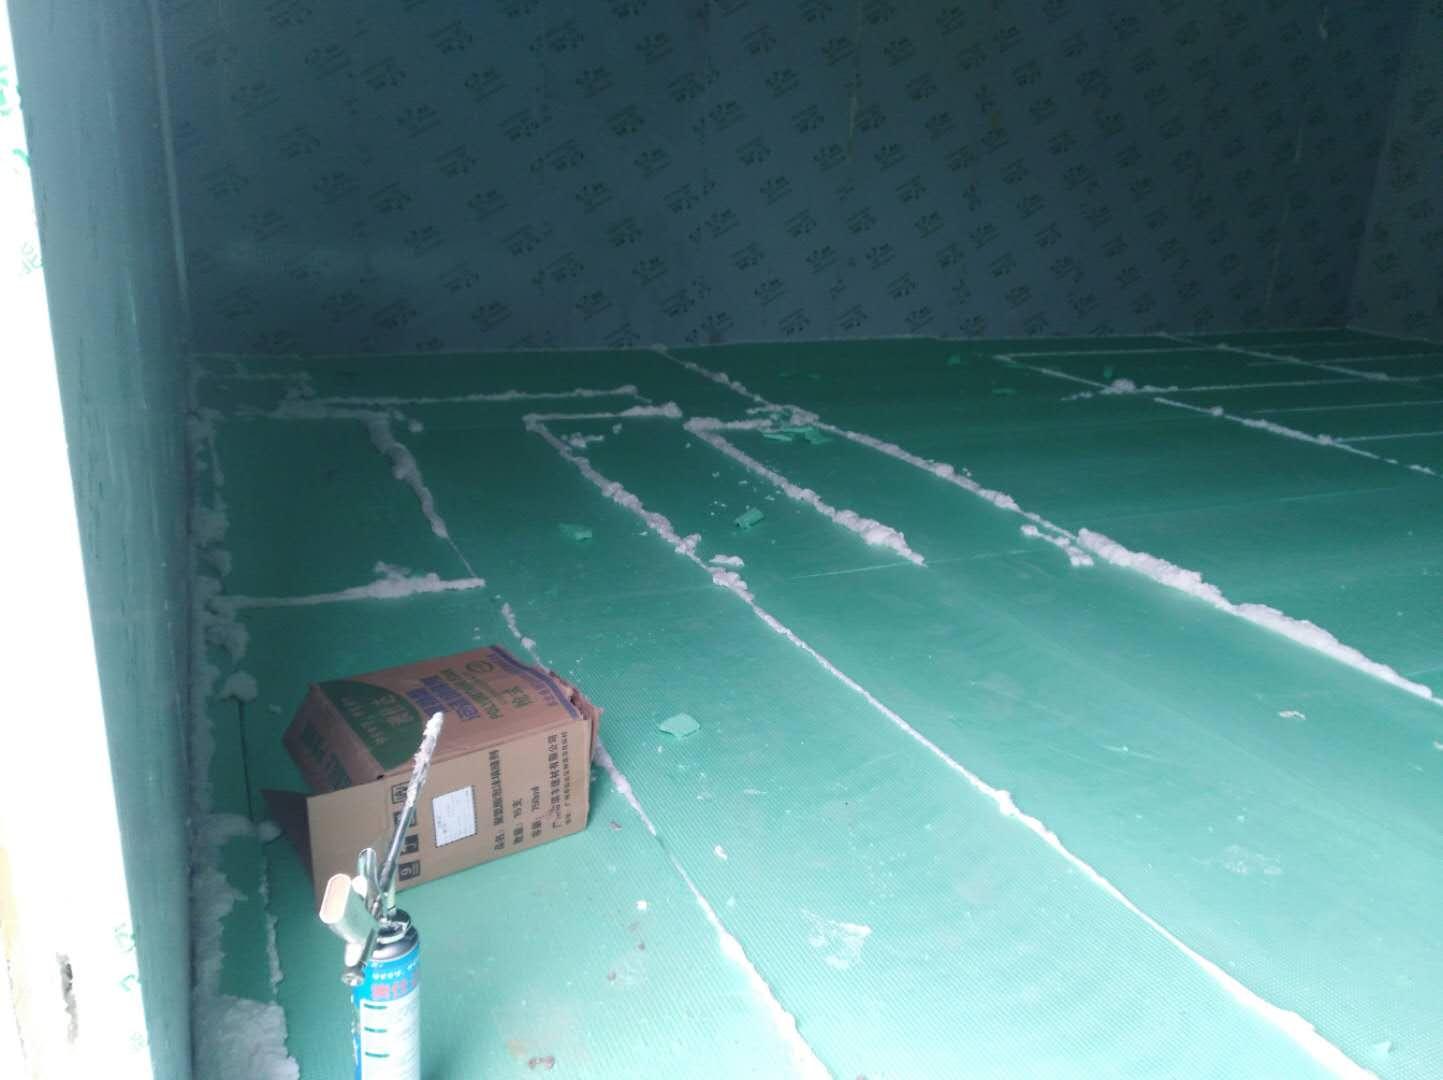 德阳恒盛通合作社种植基地冷冻冷藏库的订制,设计及施工。(一)